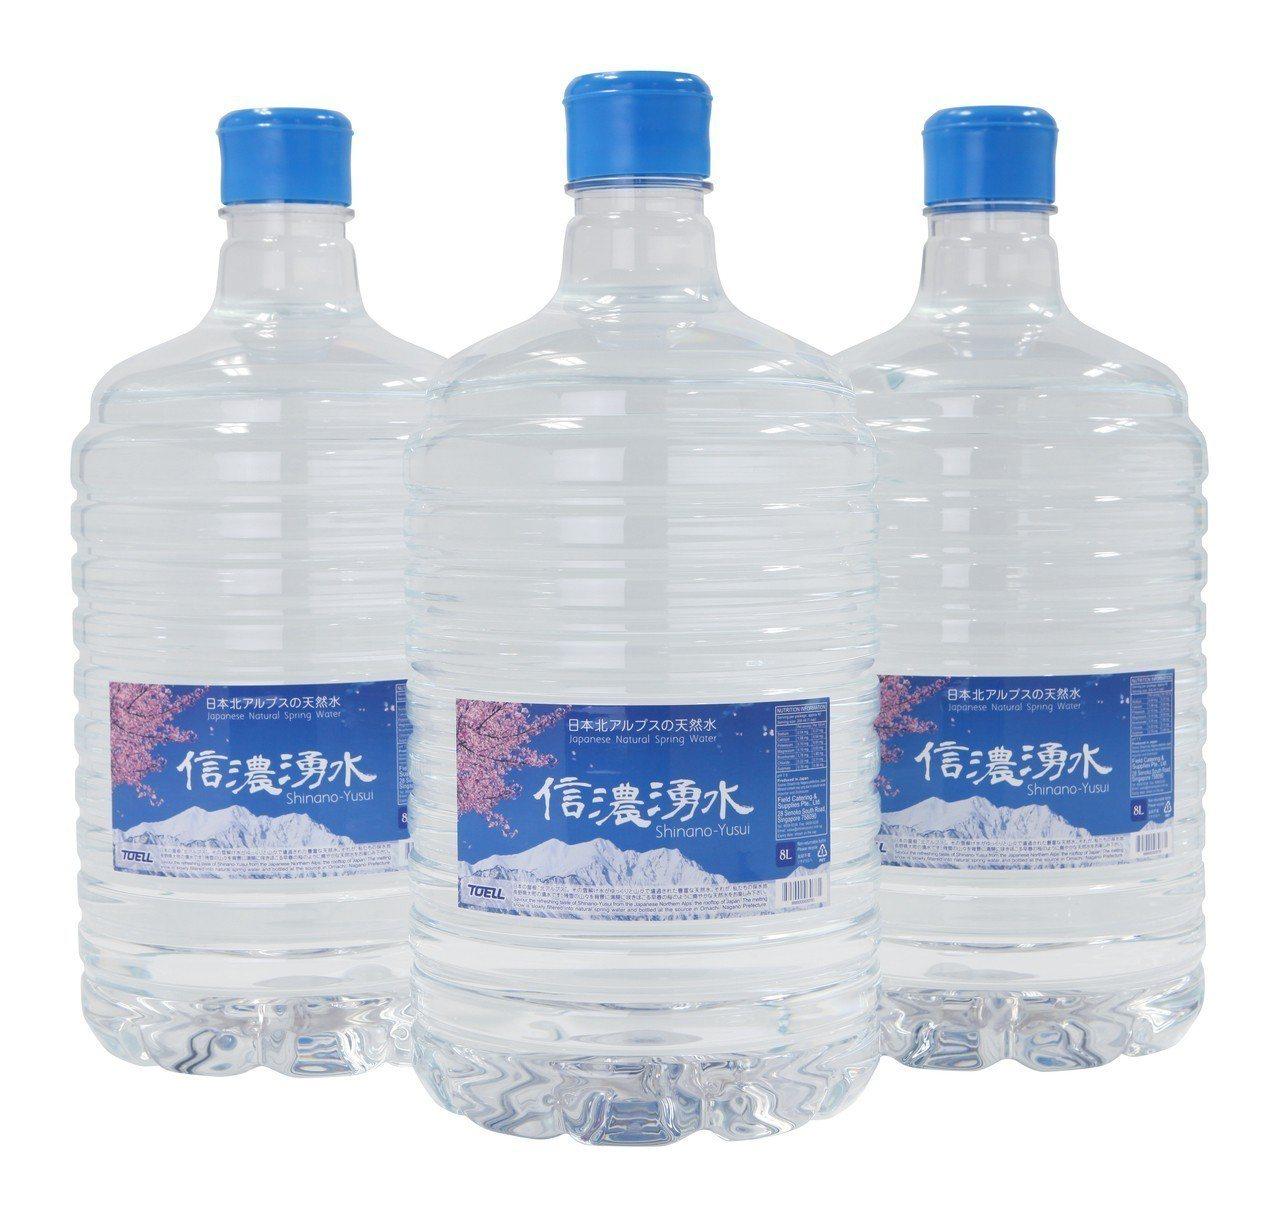 慶祝新品上市,3桶特惠價990元。圖/信濃湧水提供